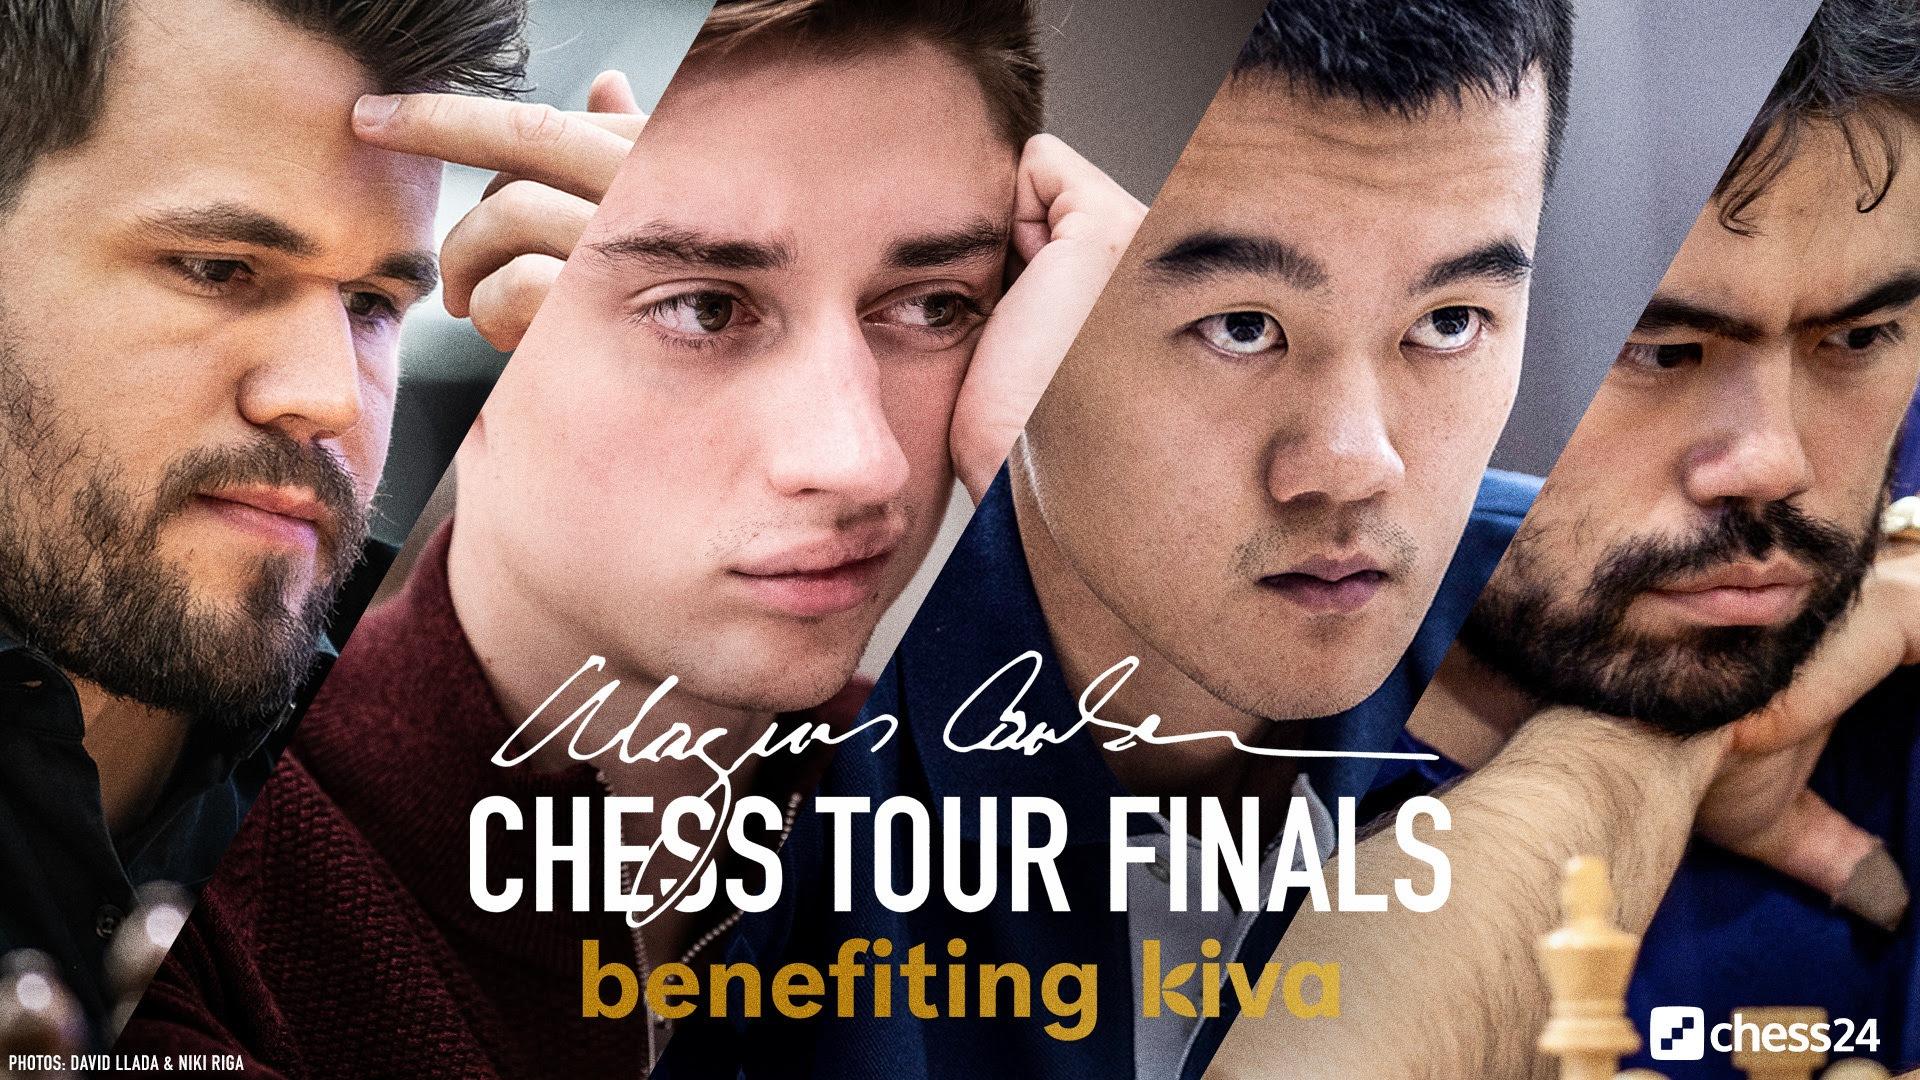 Magnus Carlsen Chess Tour finals